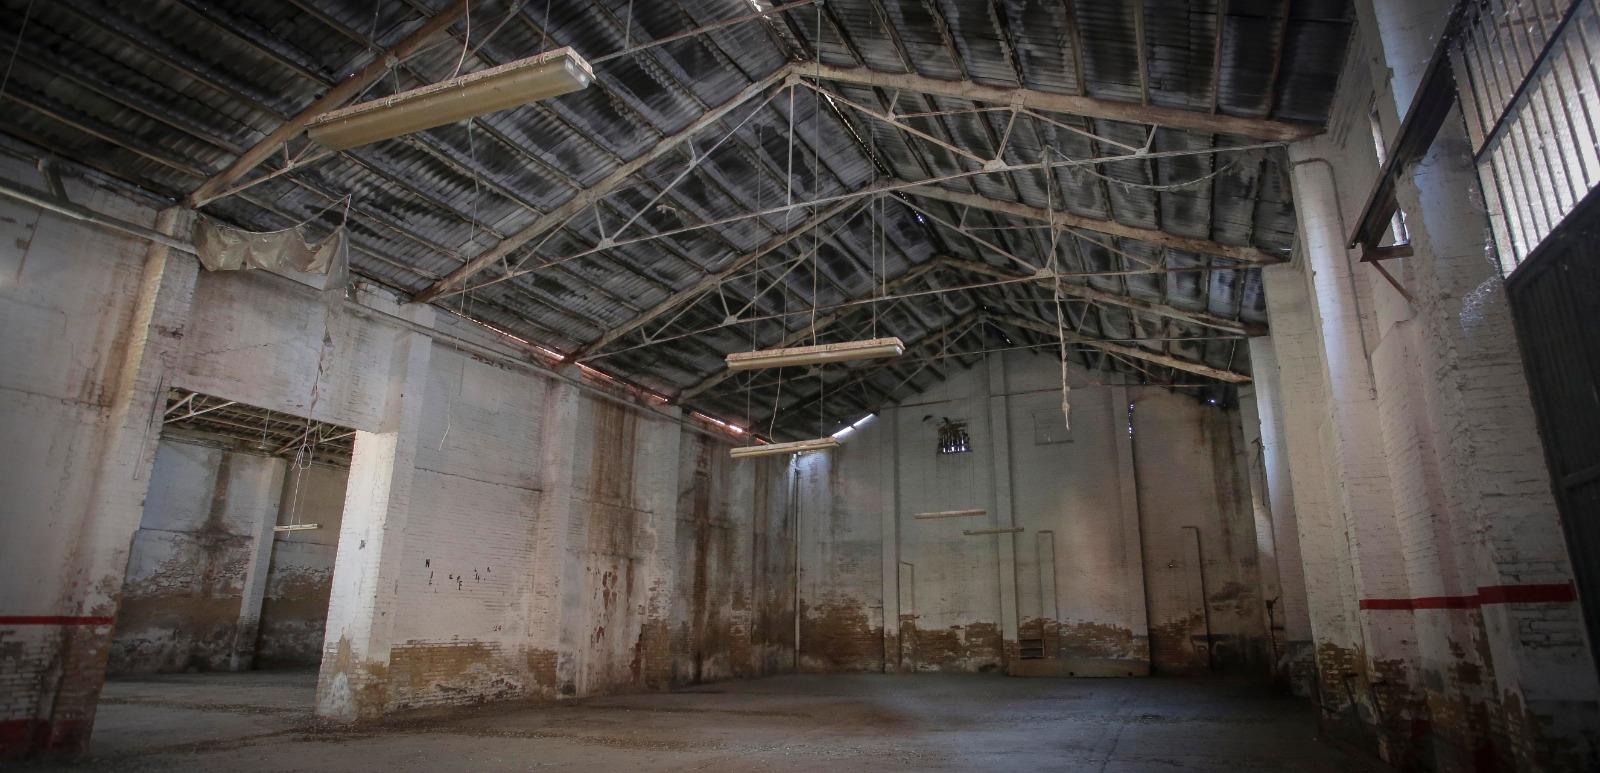 Nuevo Centro de Producción de Artes Escénicas junto al Teatro El Musical